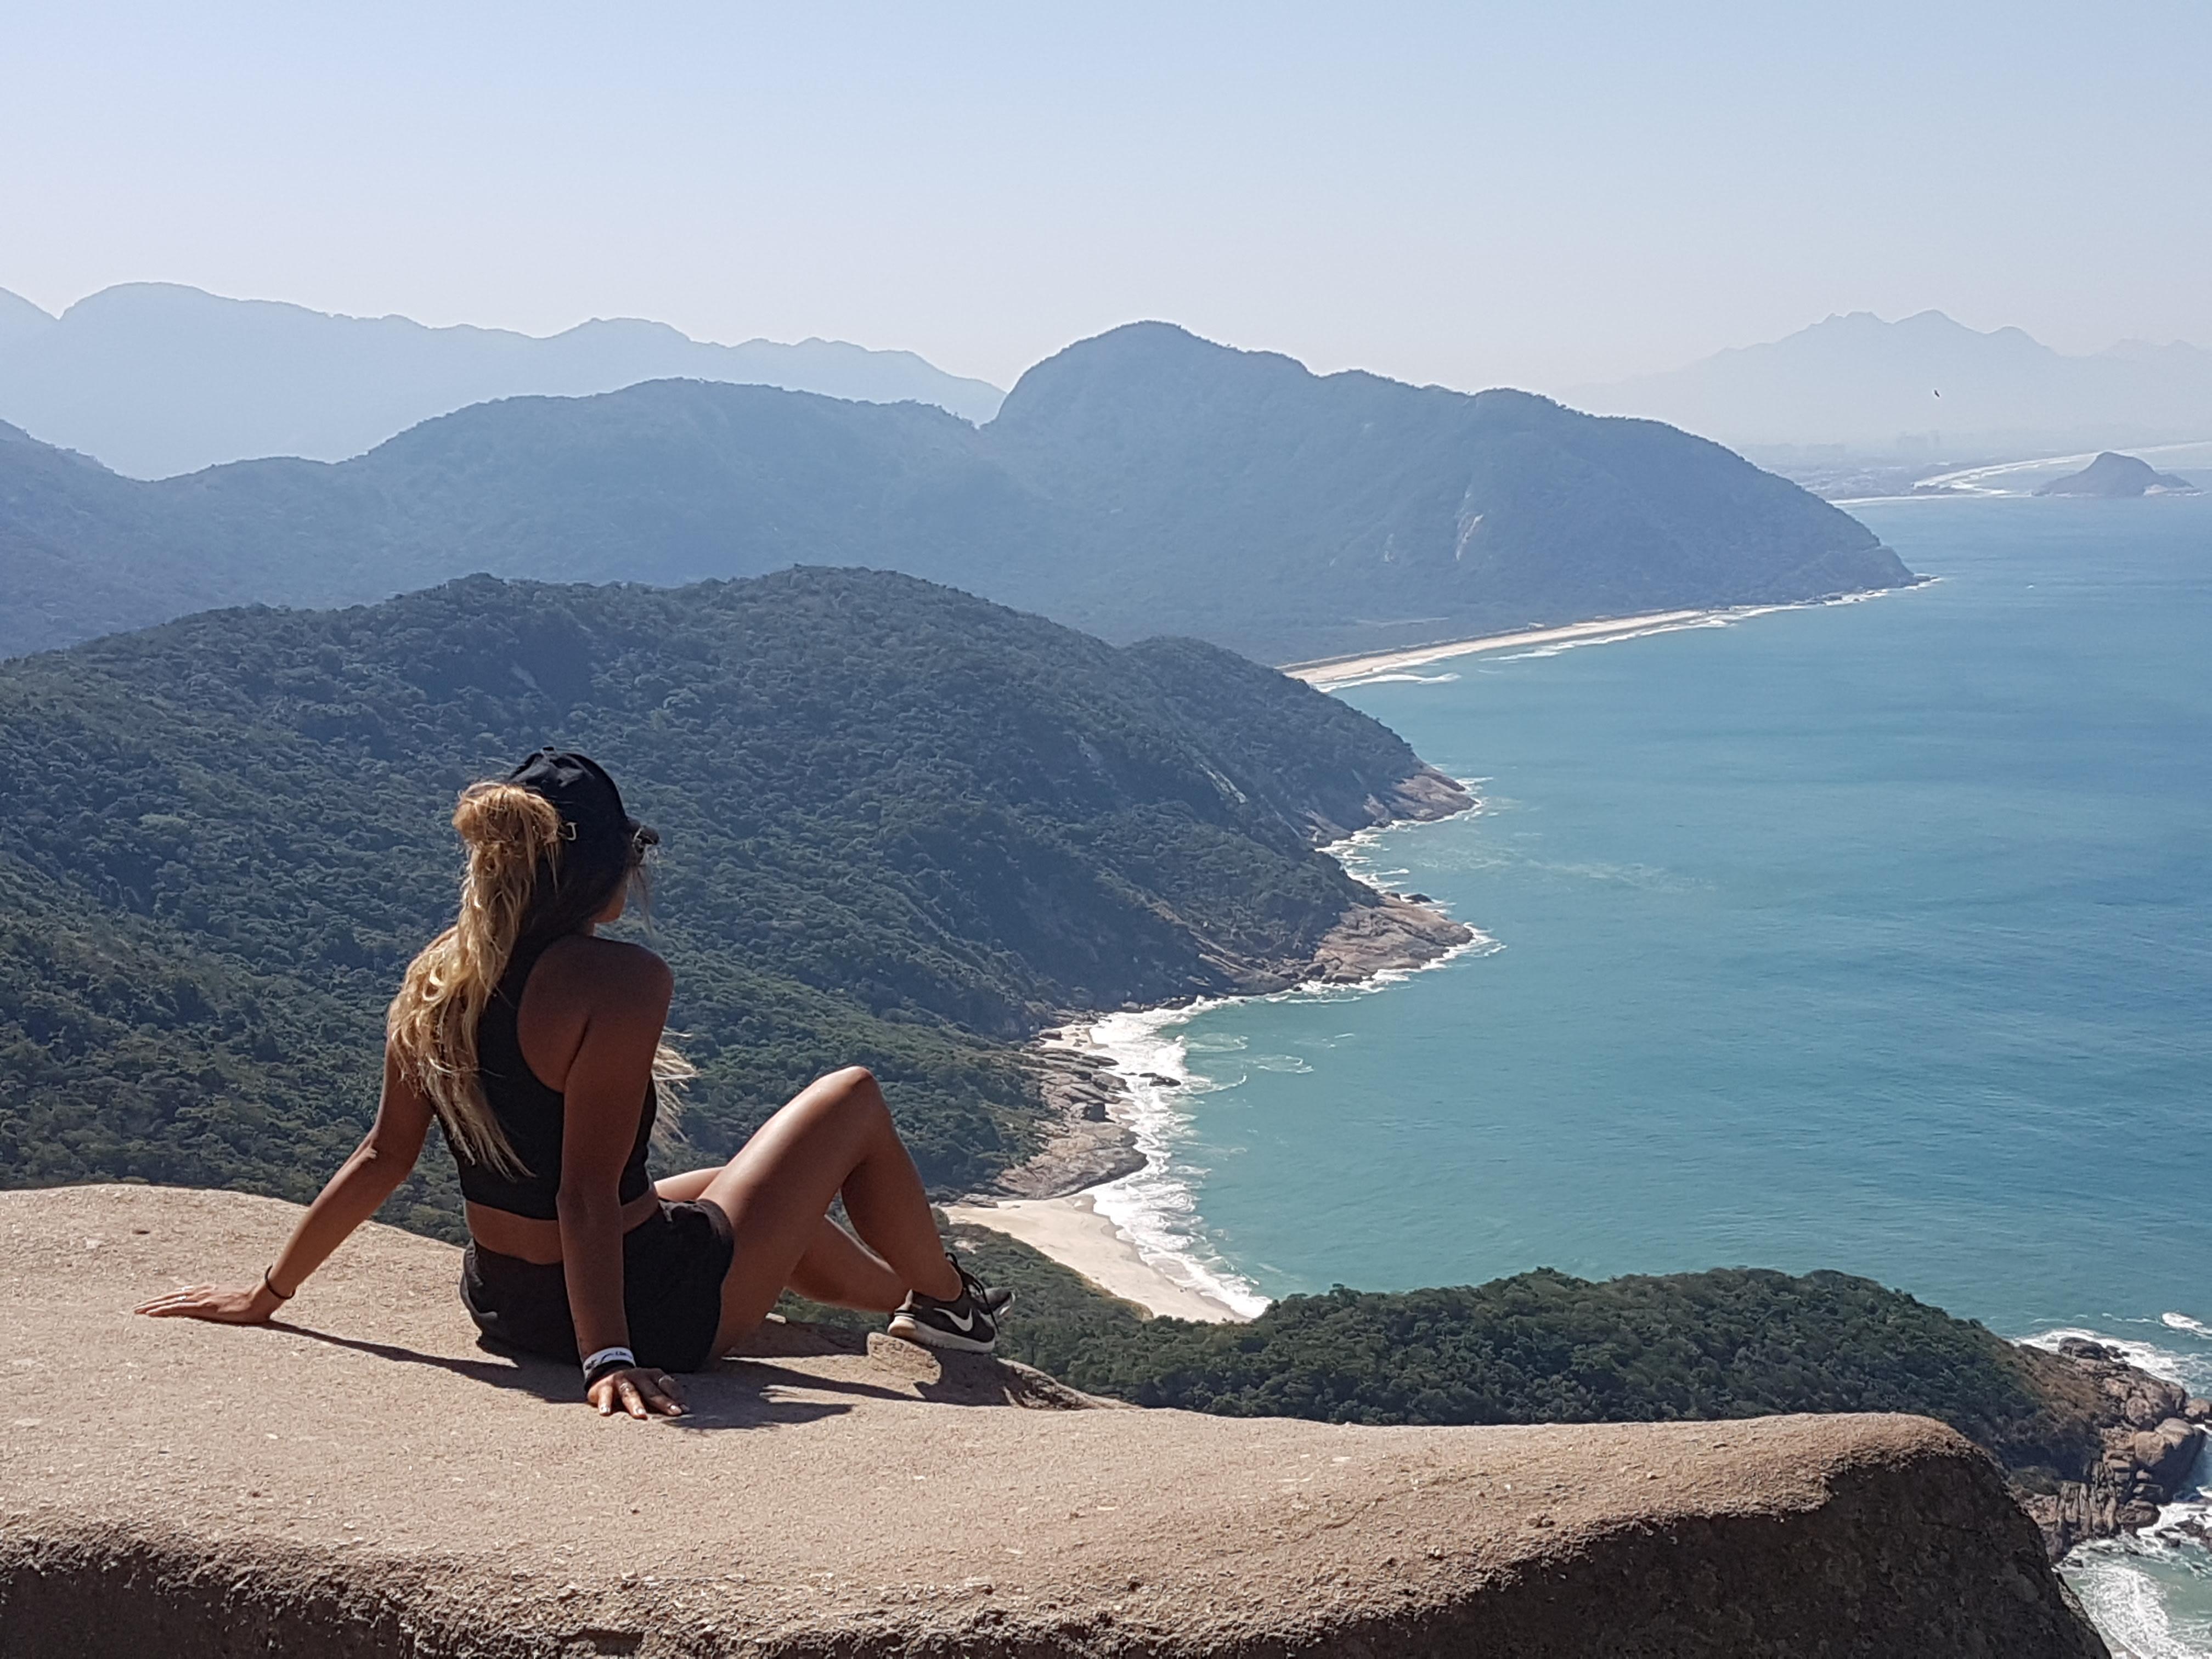 From the Pedra do Telegrafo